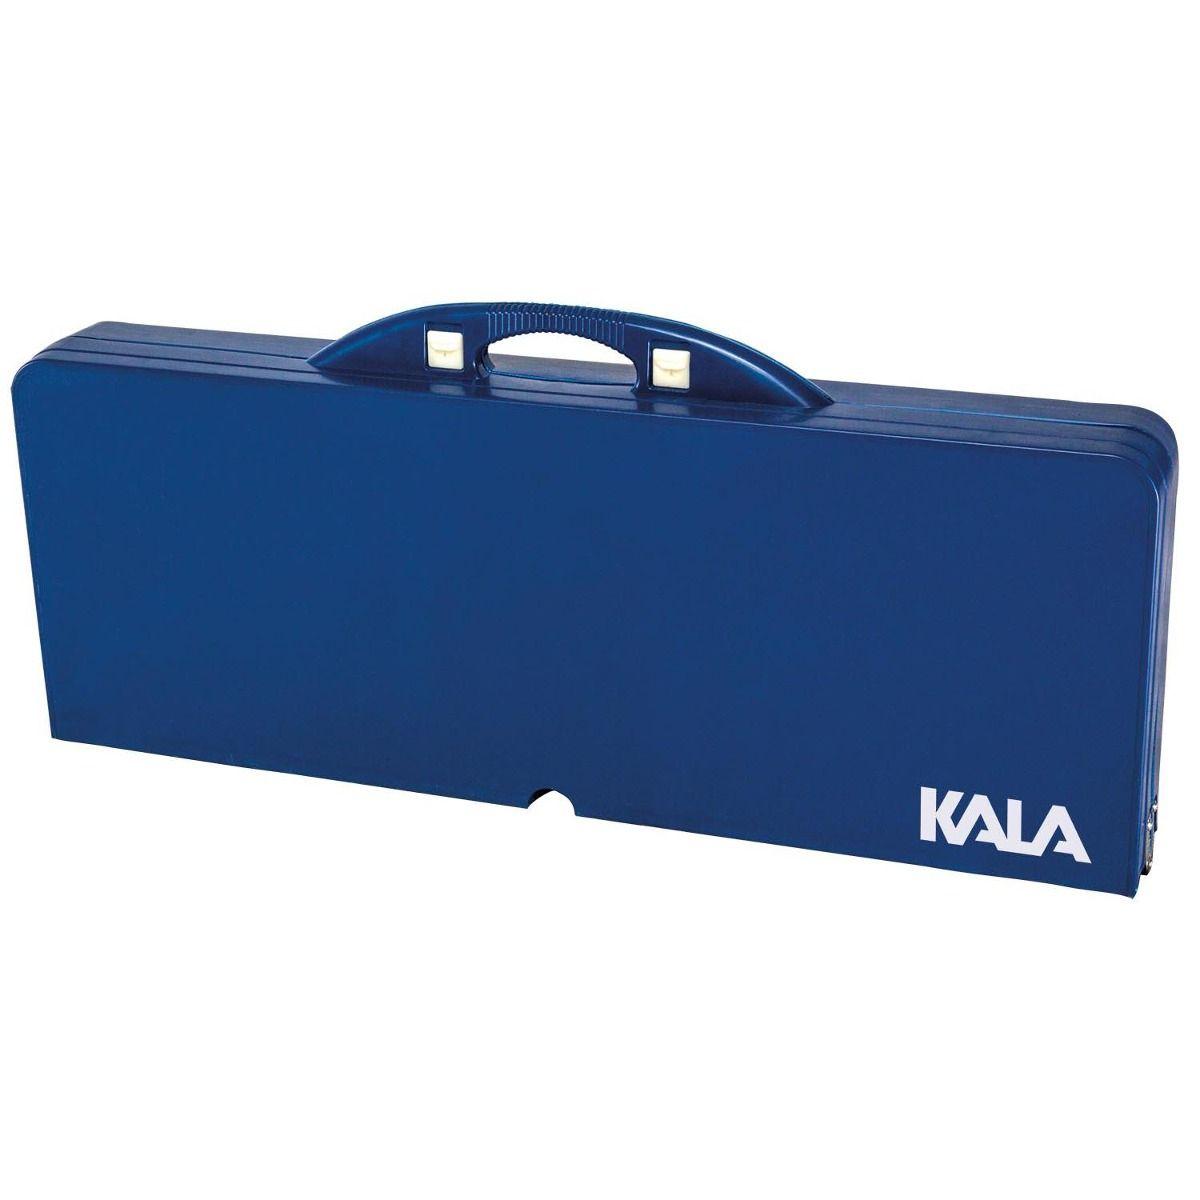 Mesa Dobrável de Alumínio com Banquetas - Kala